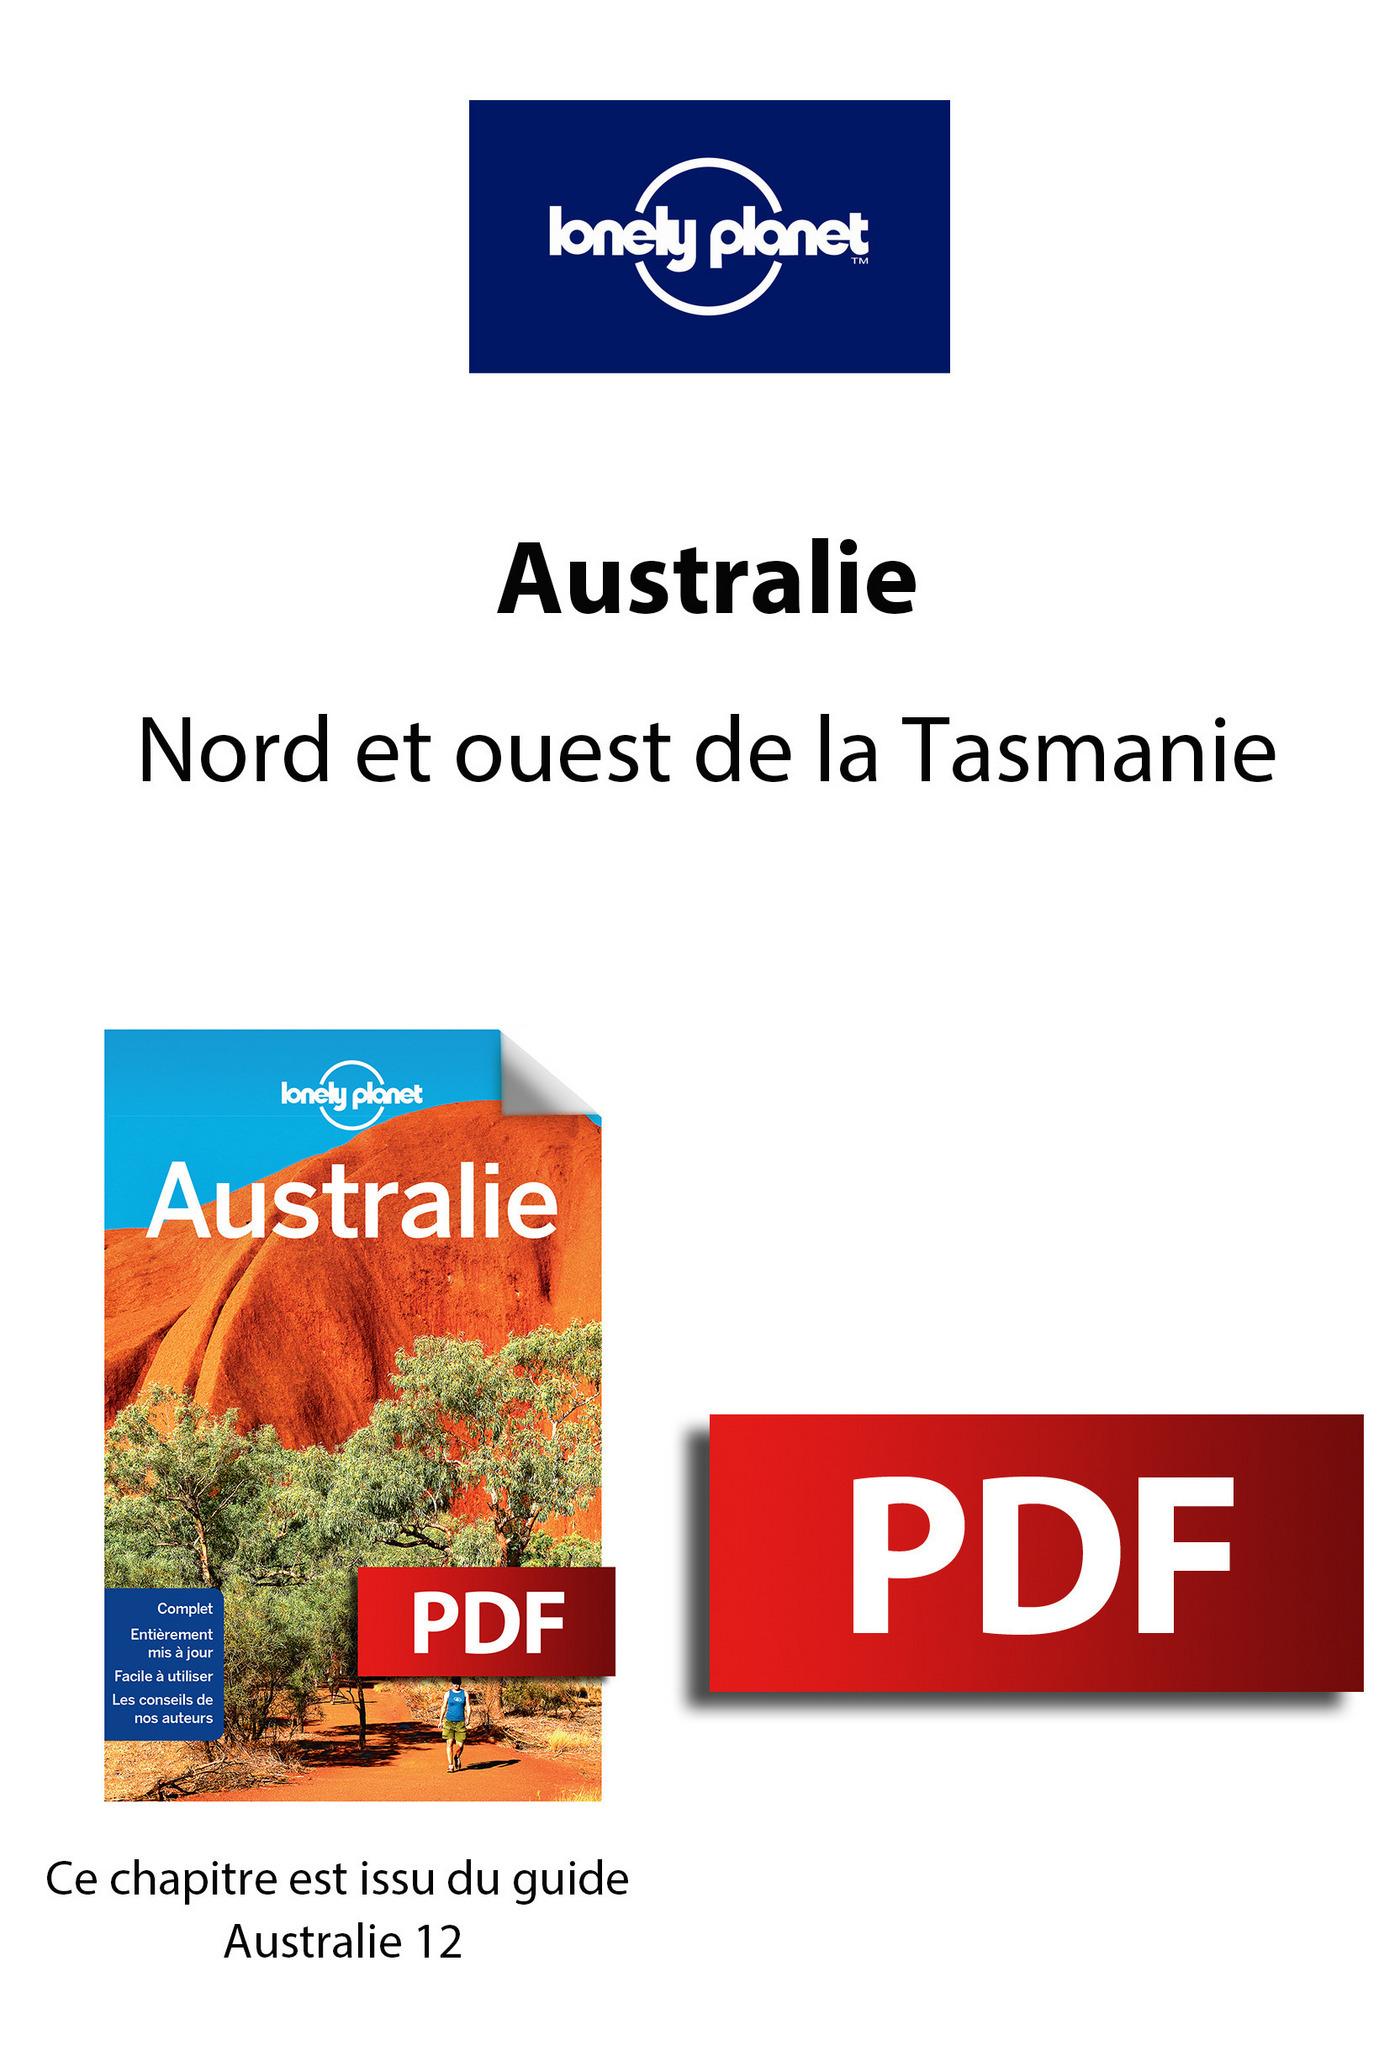 Australie - Nord et ouest de la Tasmanie